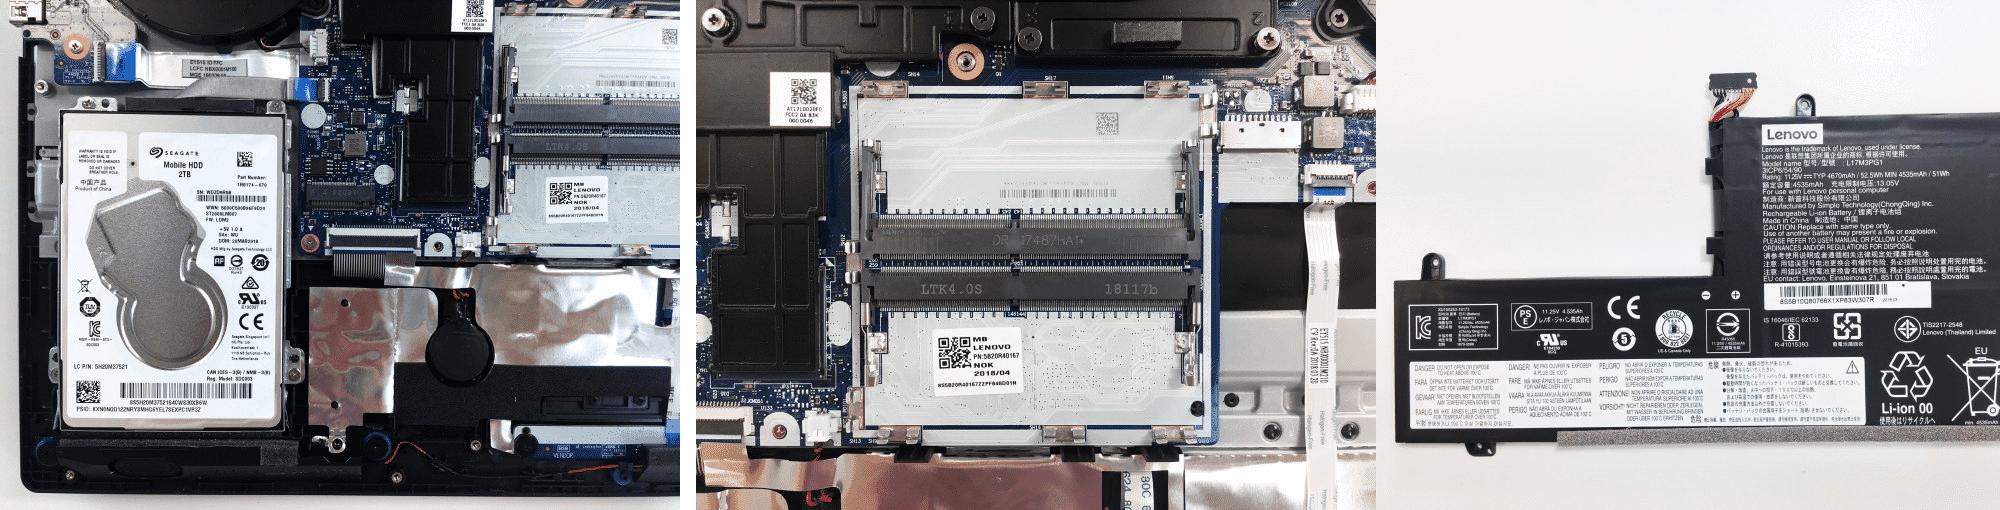 联想 Lenovo Legion Y530 评测